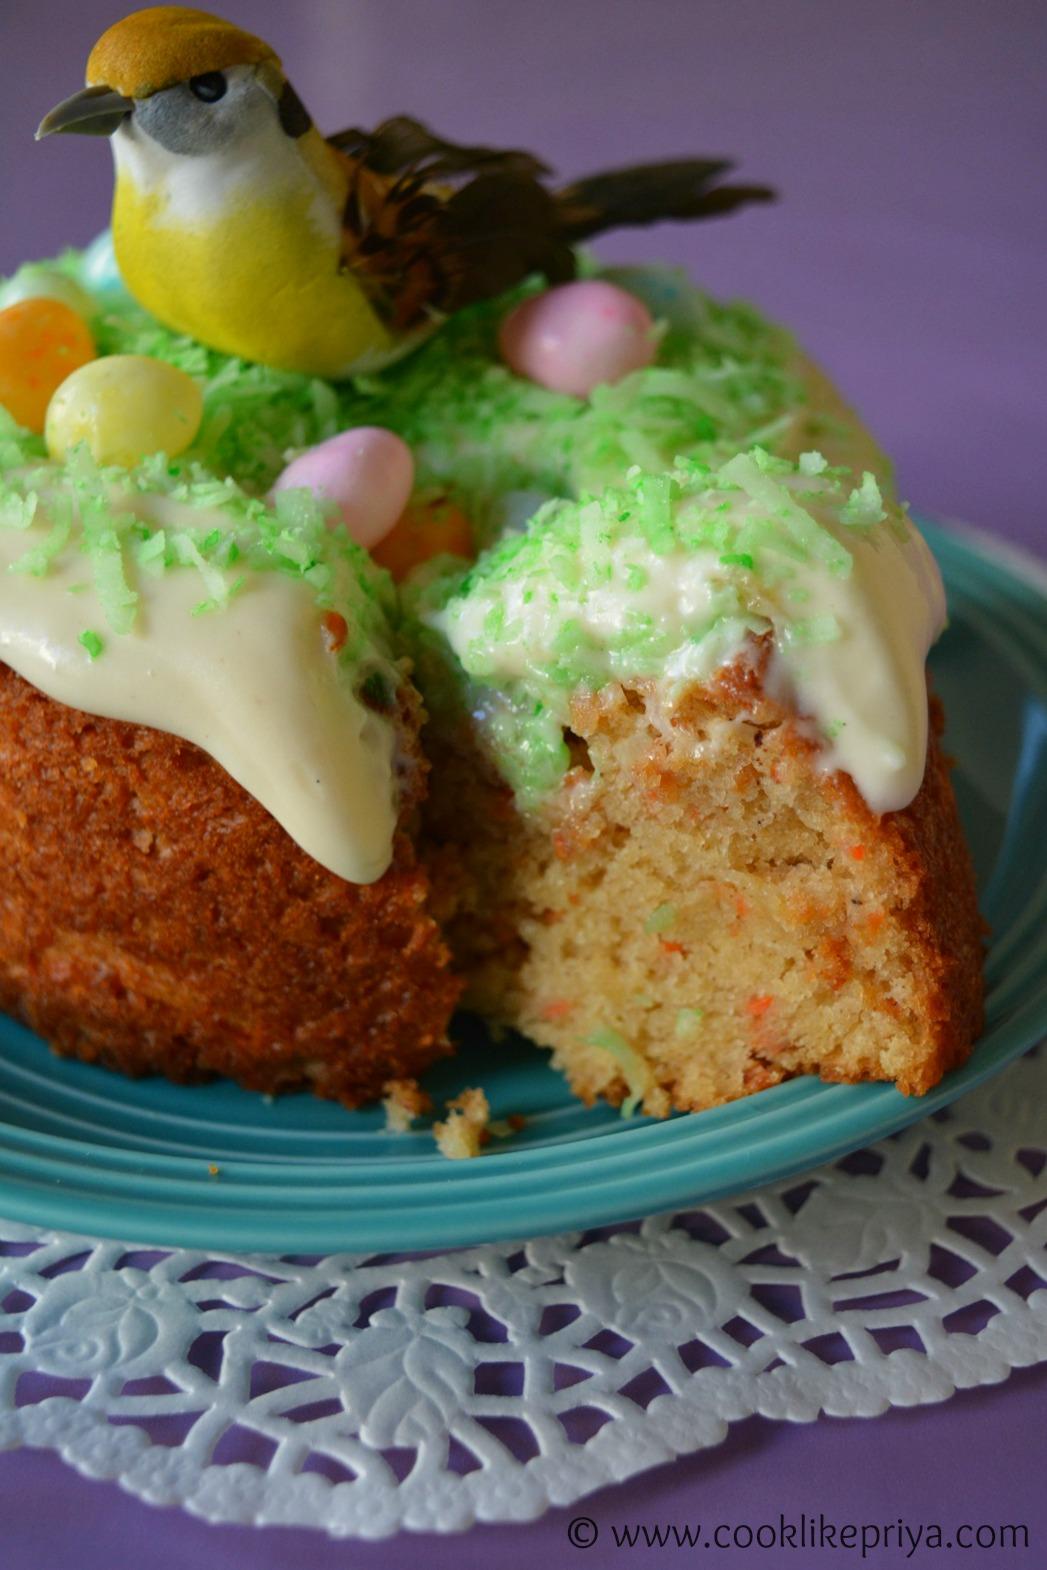 Butterless Eggless Carrot cake recipe